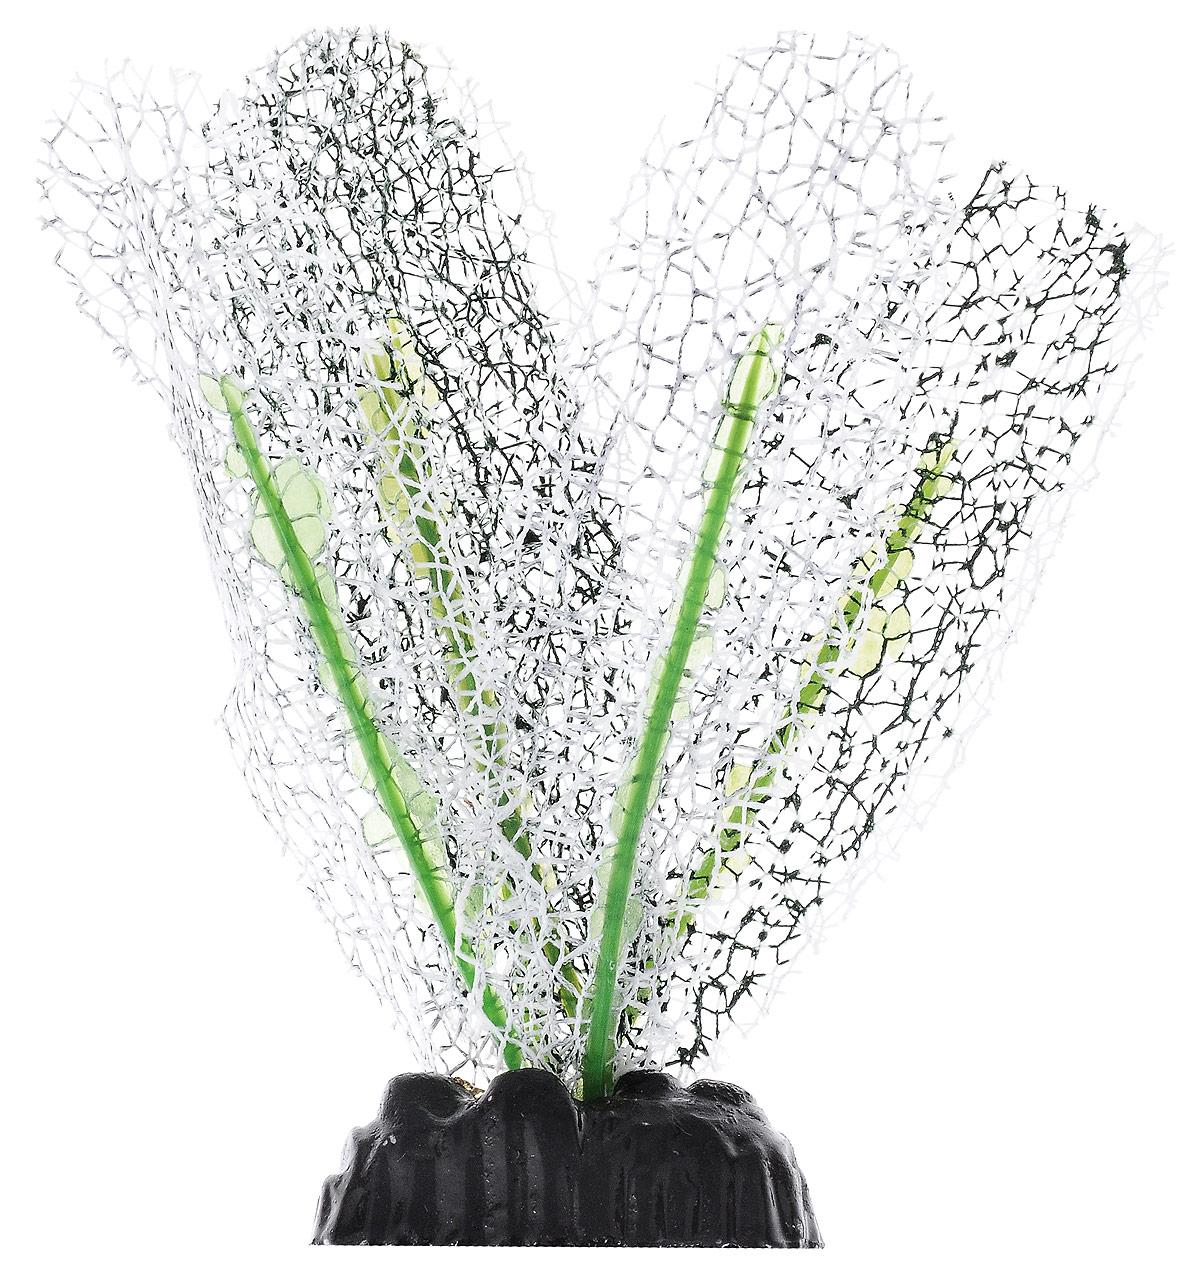 Растение для аквариума Barbus Апоногетон натанс, шелковое, цвет: белый, высота 10 смPlant 042/10Растение для аквариума Barbus Апоногетон натанс, выполненное из качественного шелка, станет оригинальным украшением вашего аквариума. В воде создается абсолютная имитация живого растения. Можно использовать в любой воде: пресной или морской. Изделие полностью безопасно для обитателей аквариума, не токсично, нейтрально к водному балансу, устойчиво к истиранию краски. Растение Barbus поможет вам смоделировать потрясающий пейзаж на дне вашего аквариума или террариума. Высота растения: 10 см.